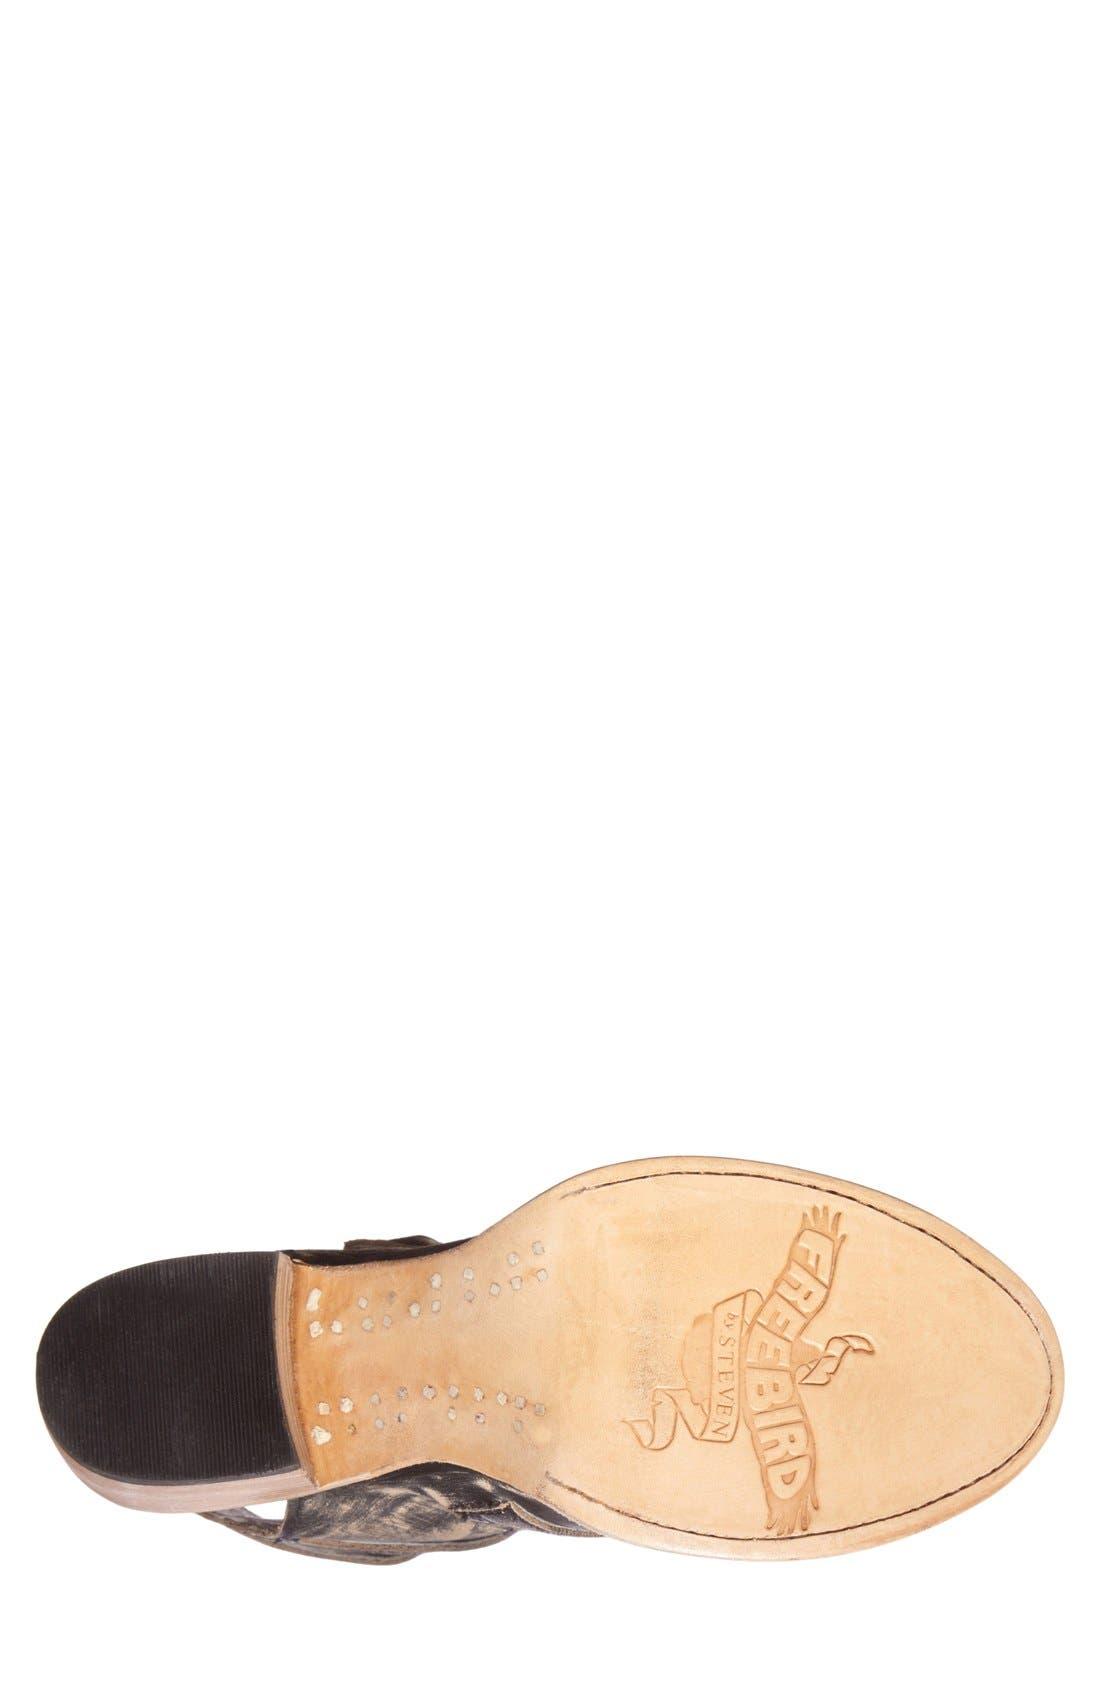 Alternate Image 4  - Freebird by Steven 'Quail' Open Toe Leather Bootie (Women)